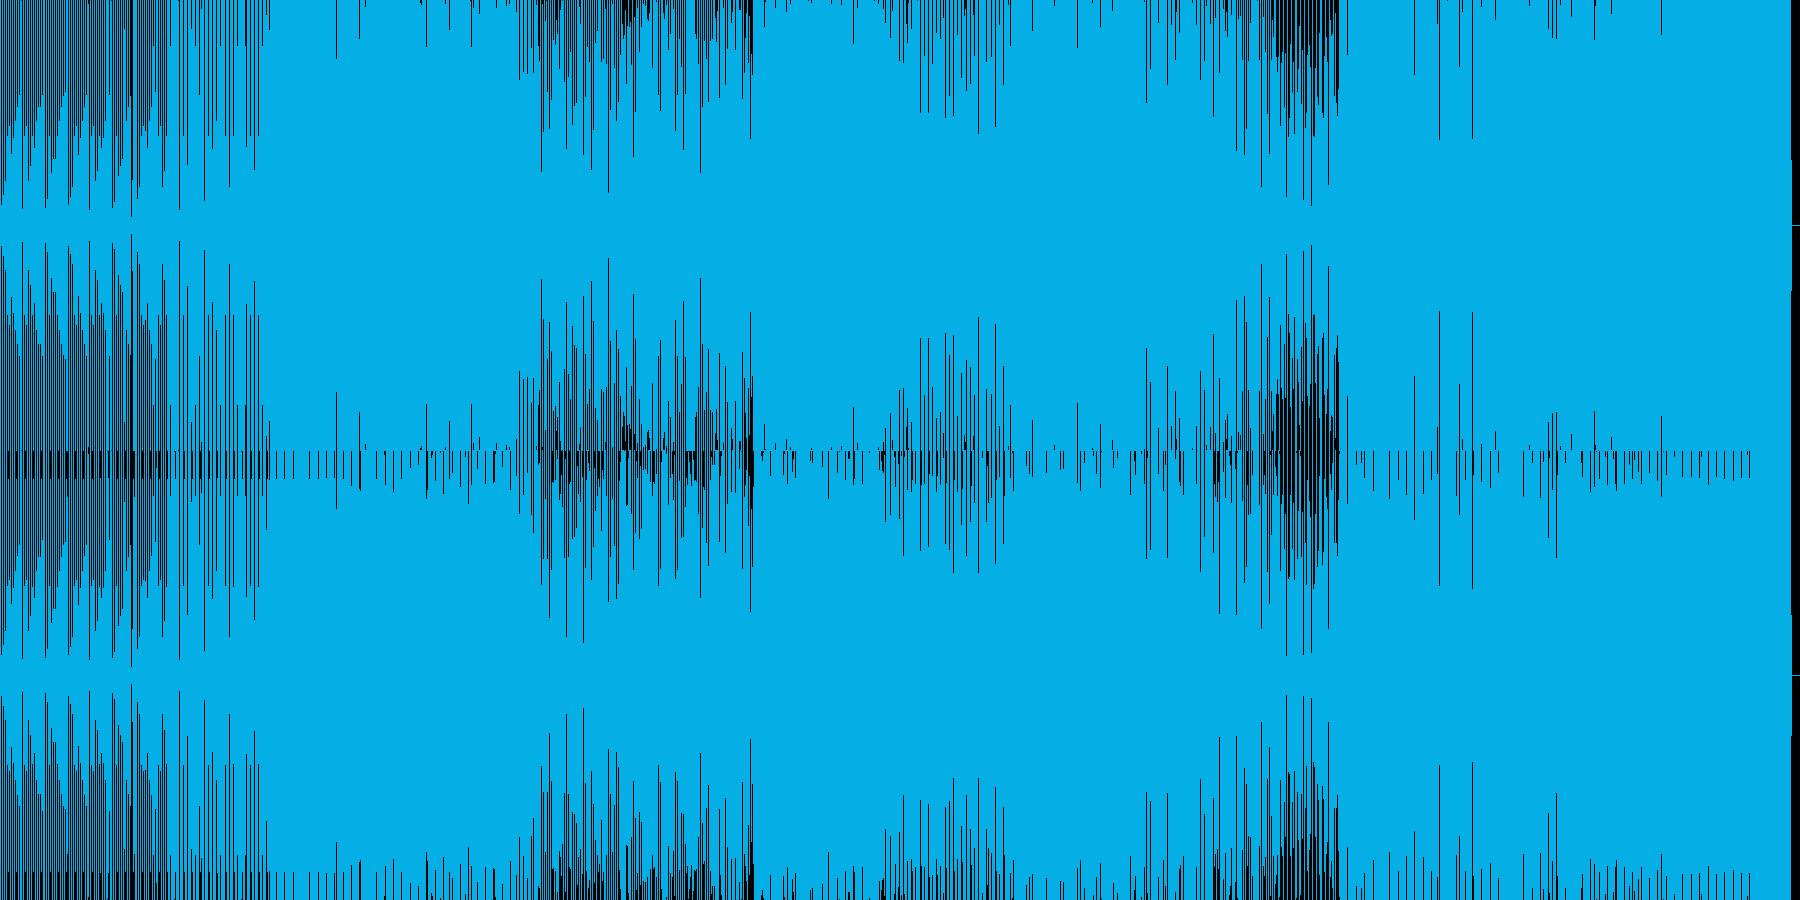 少し暗めなミニマルハウスの再生済みの波形